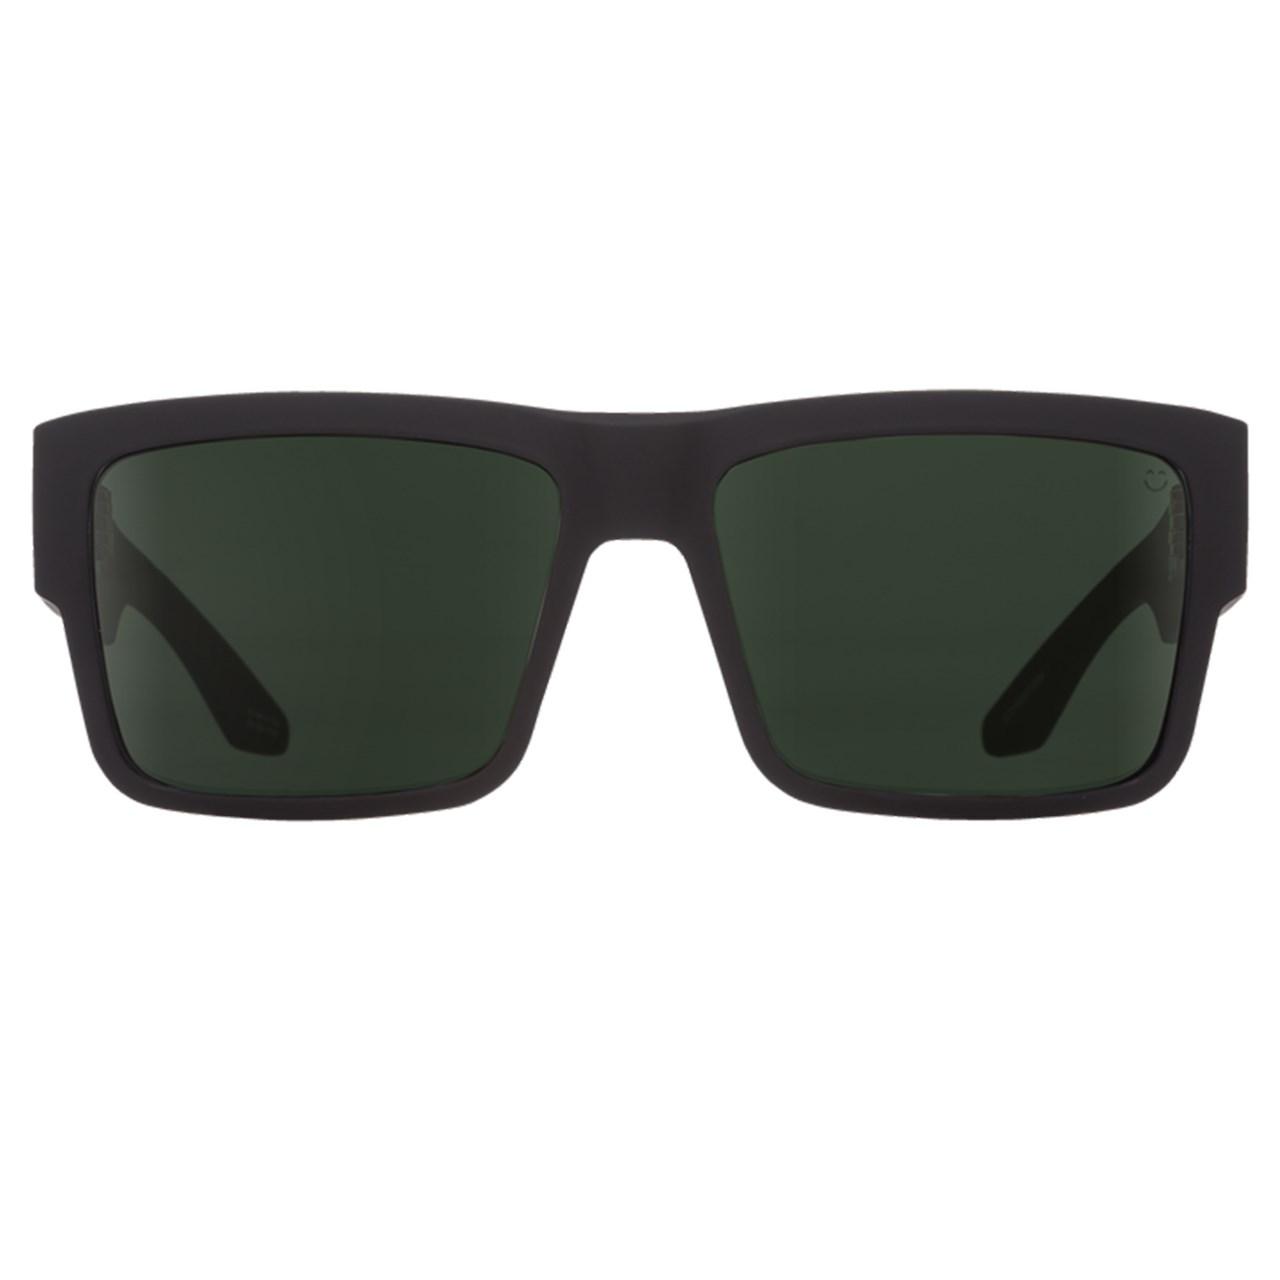 عینک آفتابی اسپای سری  Cyrus مدل Soft Matte Black Happy Gray Green Polar